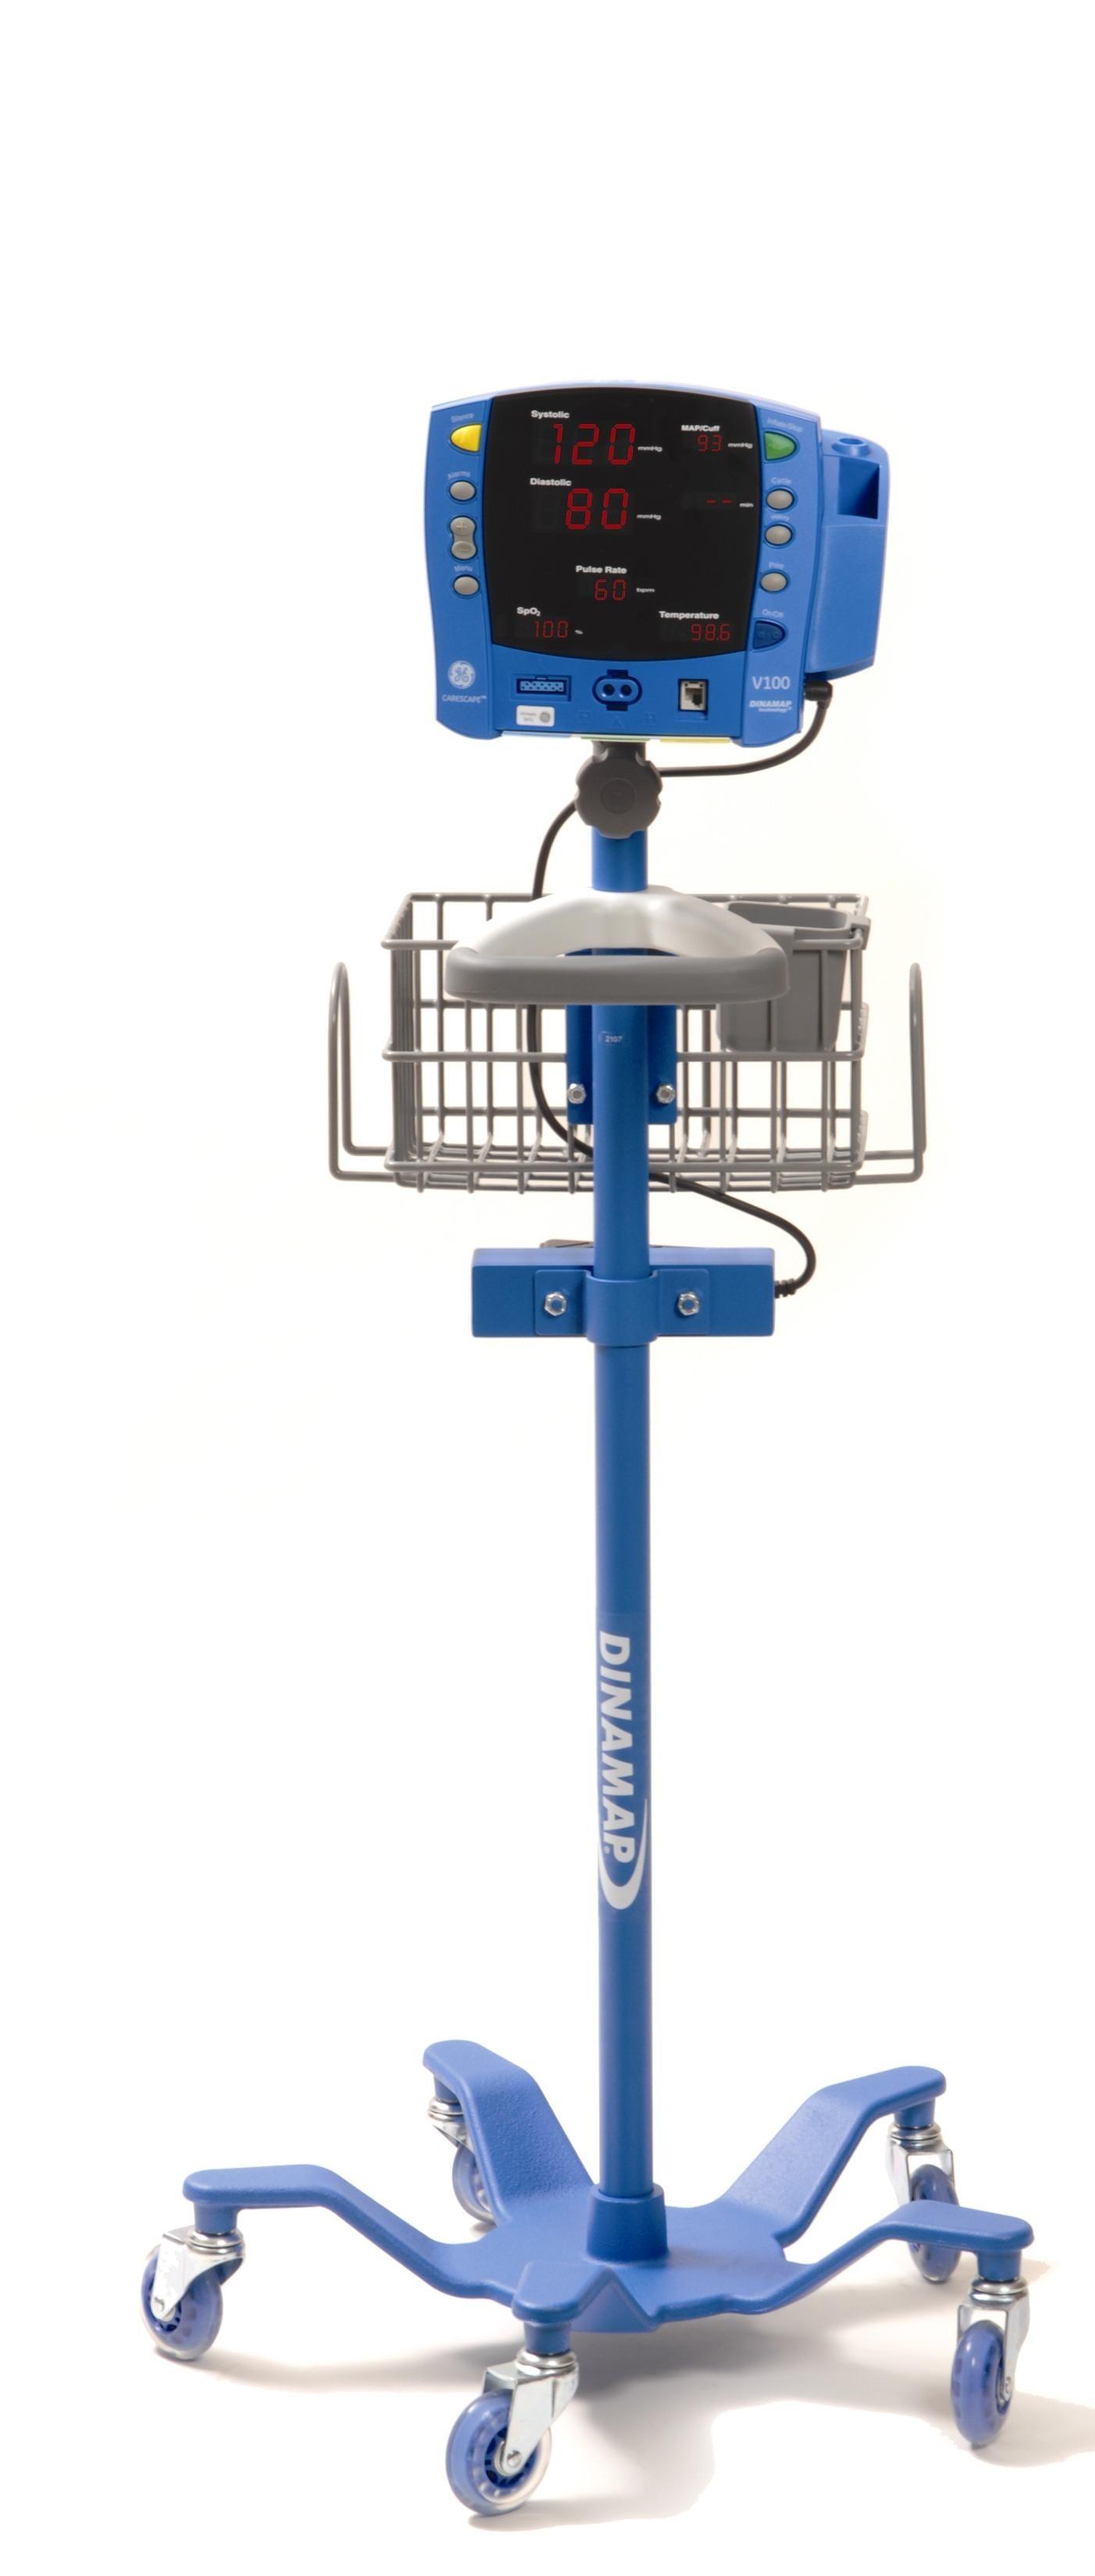 CARESCAPE™ V100-predaj prístroja ukončený